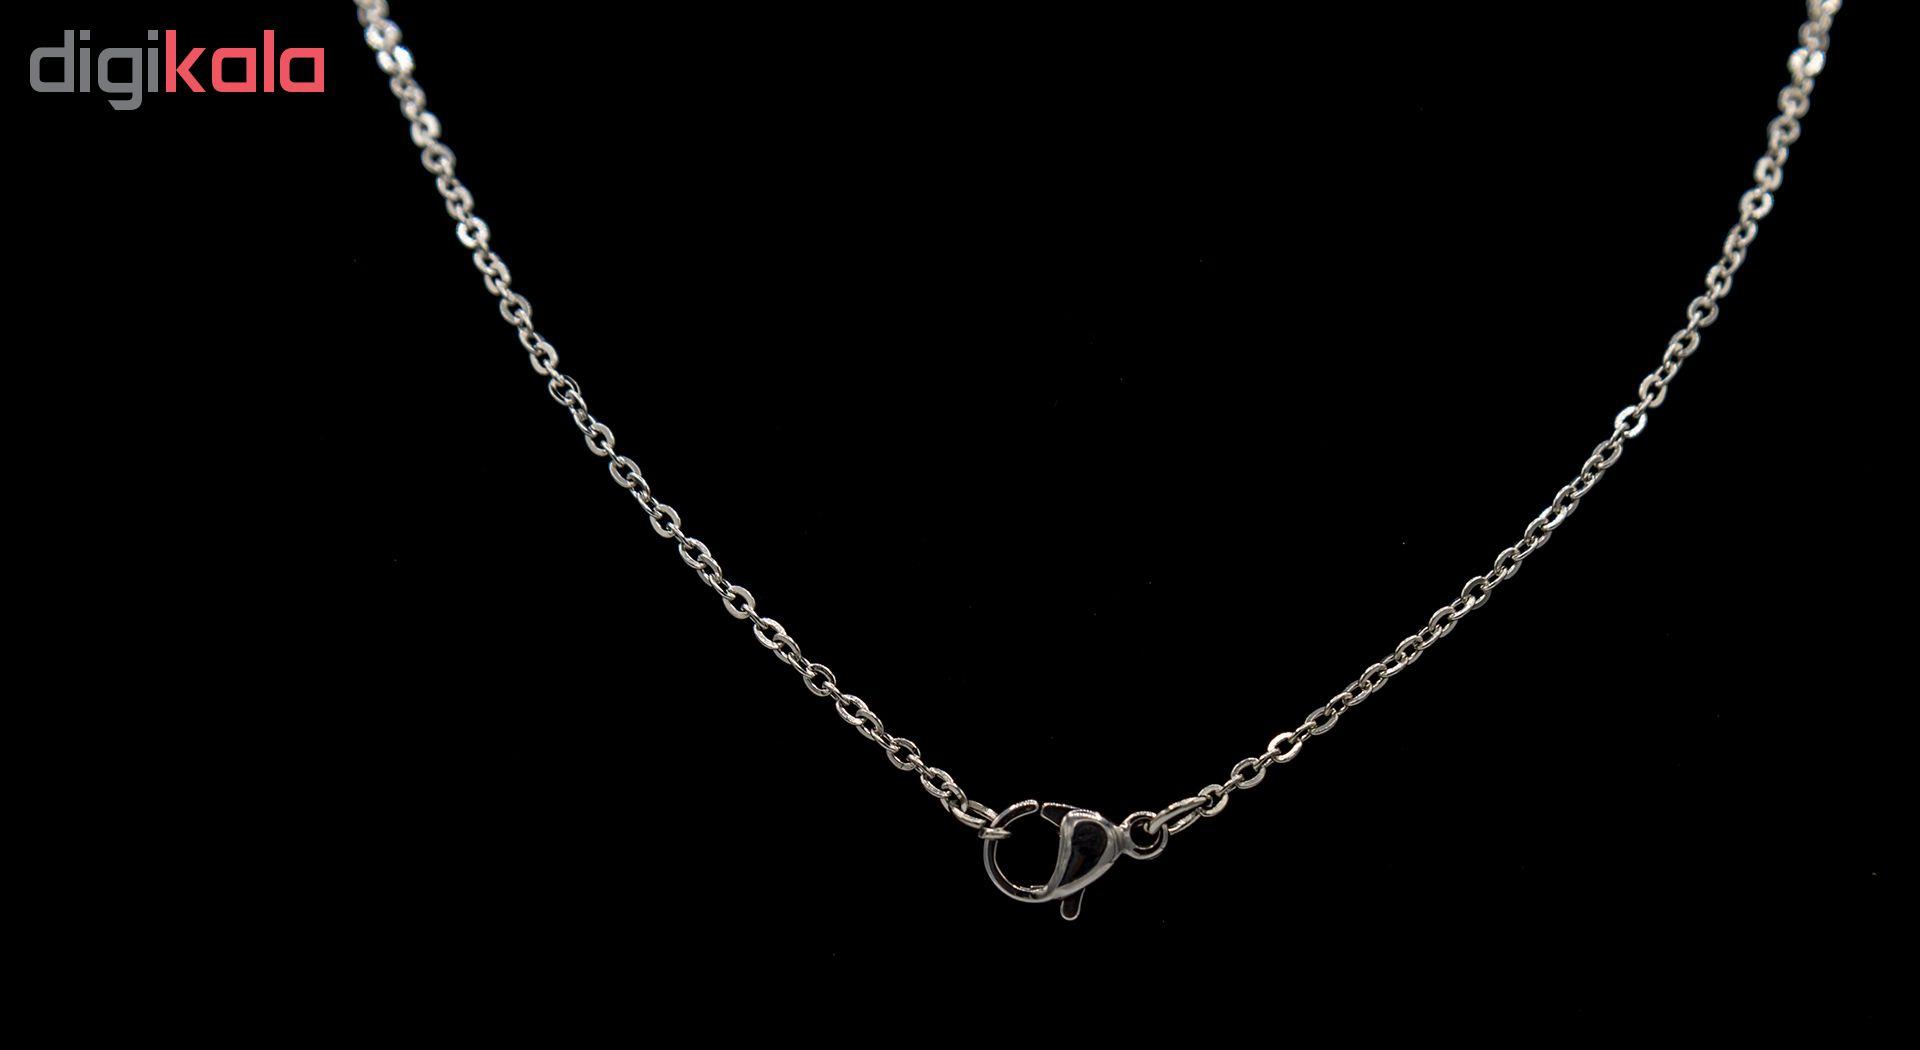 زنجیر بهارگالری مدل Silver Diplomat کد 44